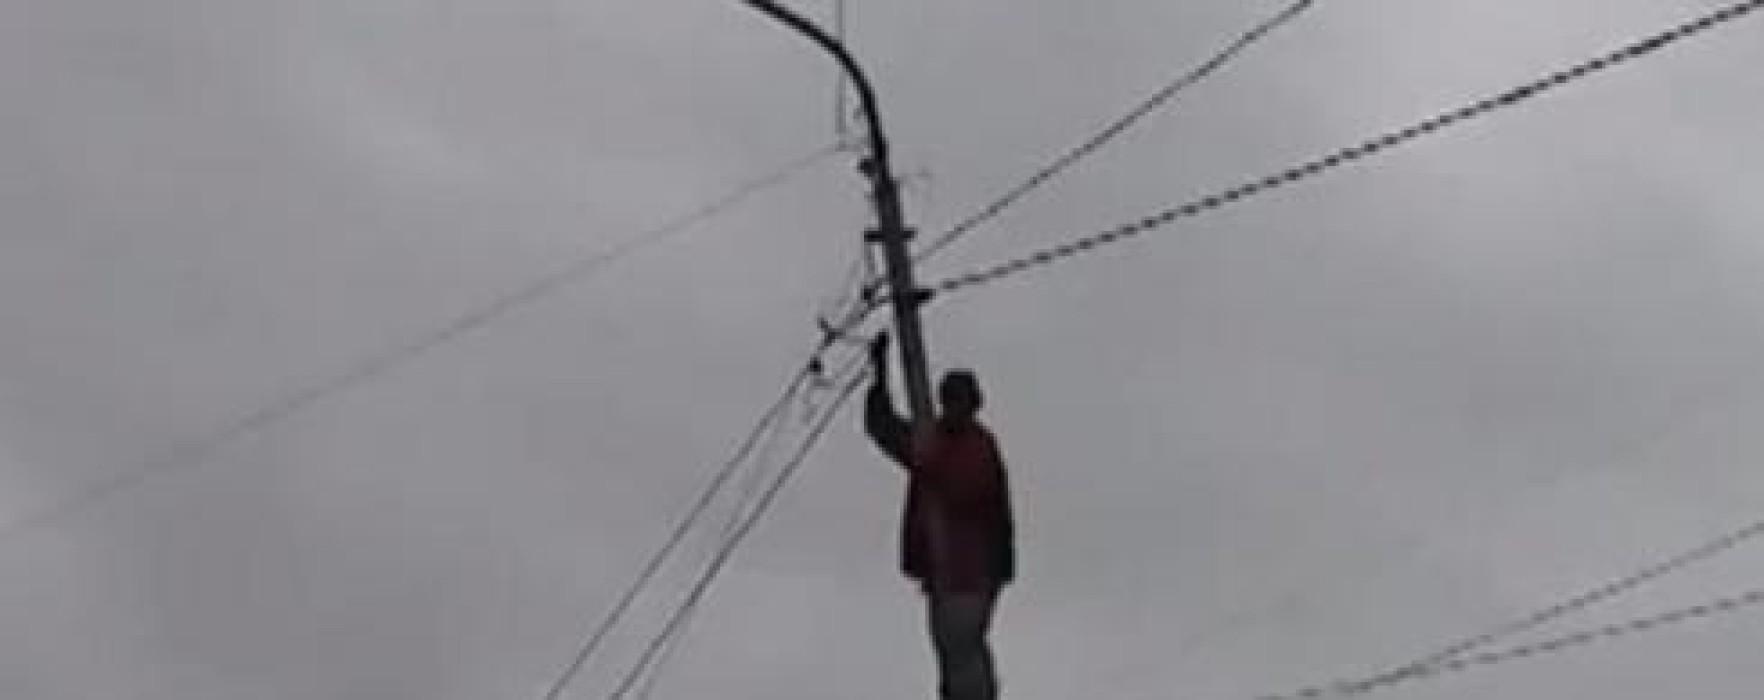 Un bărbat a protestat câteva ore pe un stâlp, la Colanu